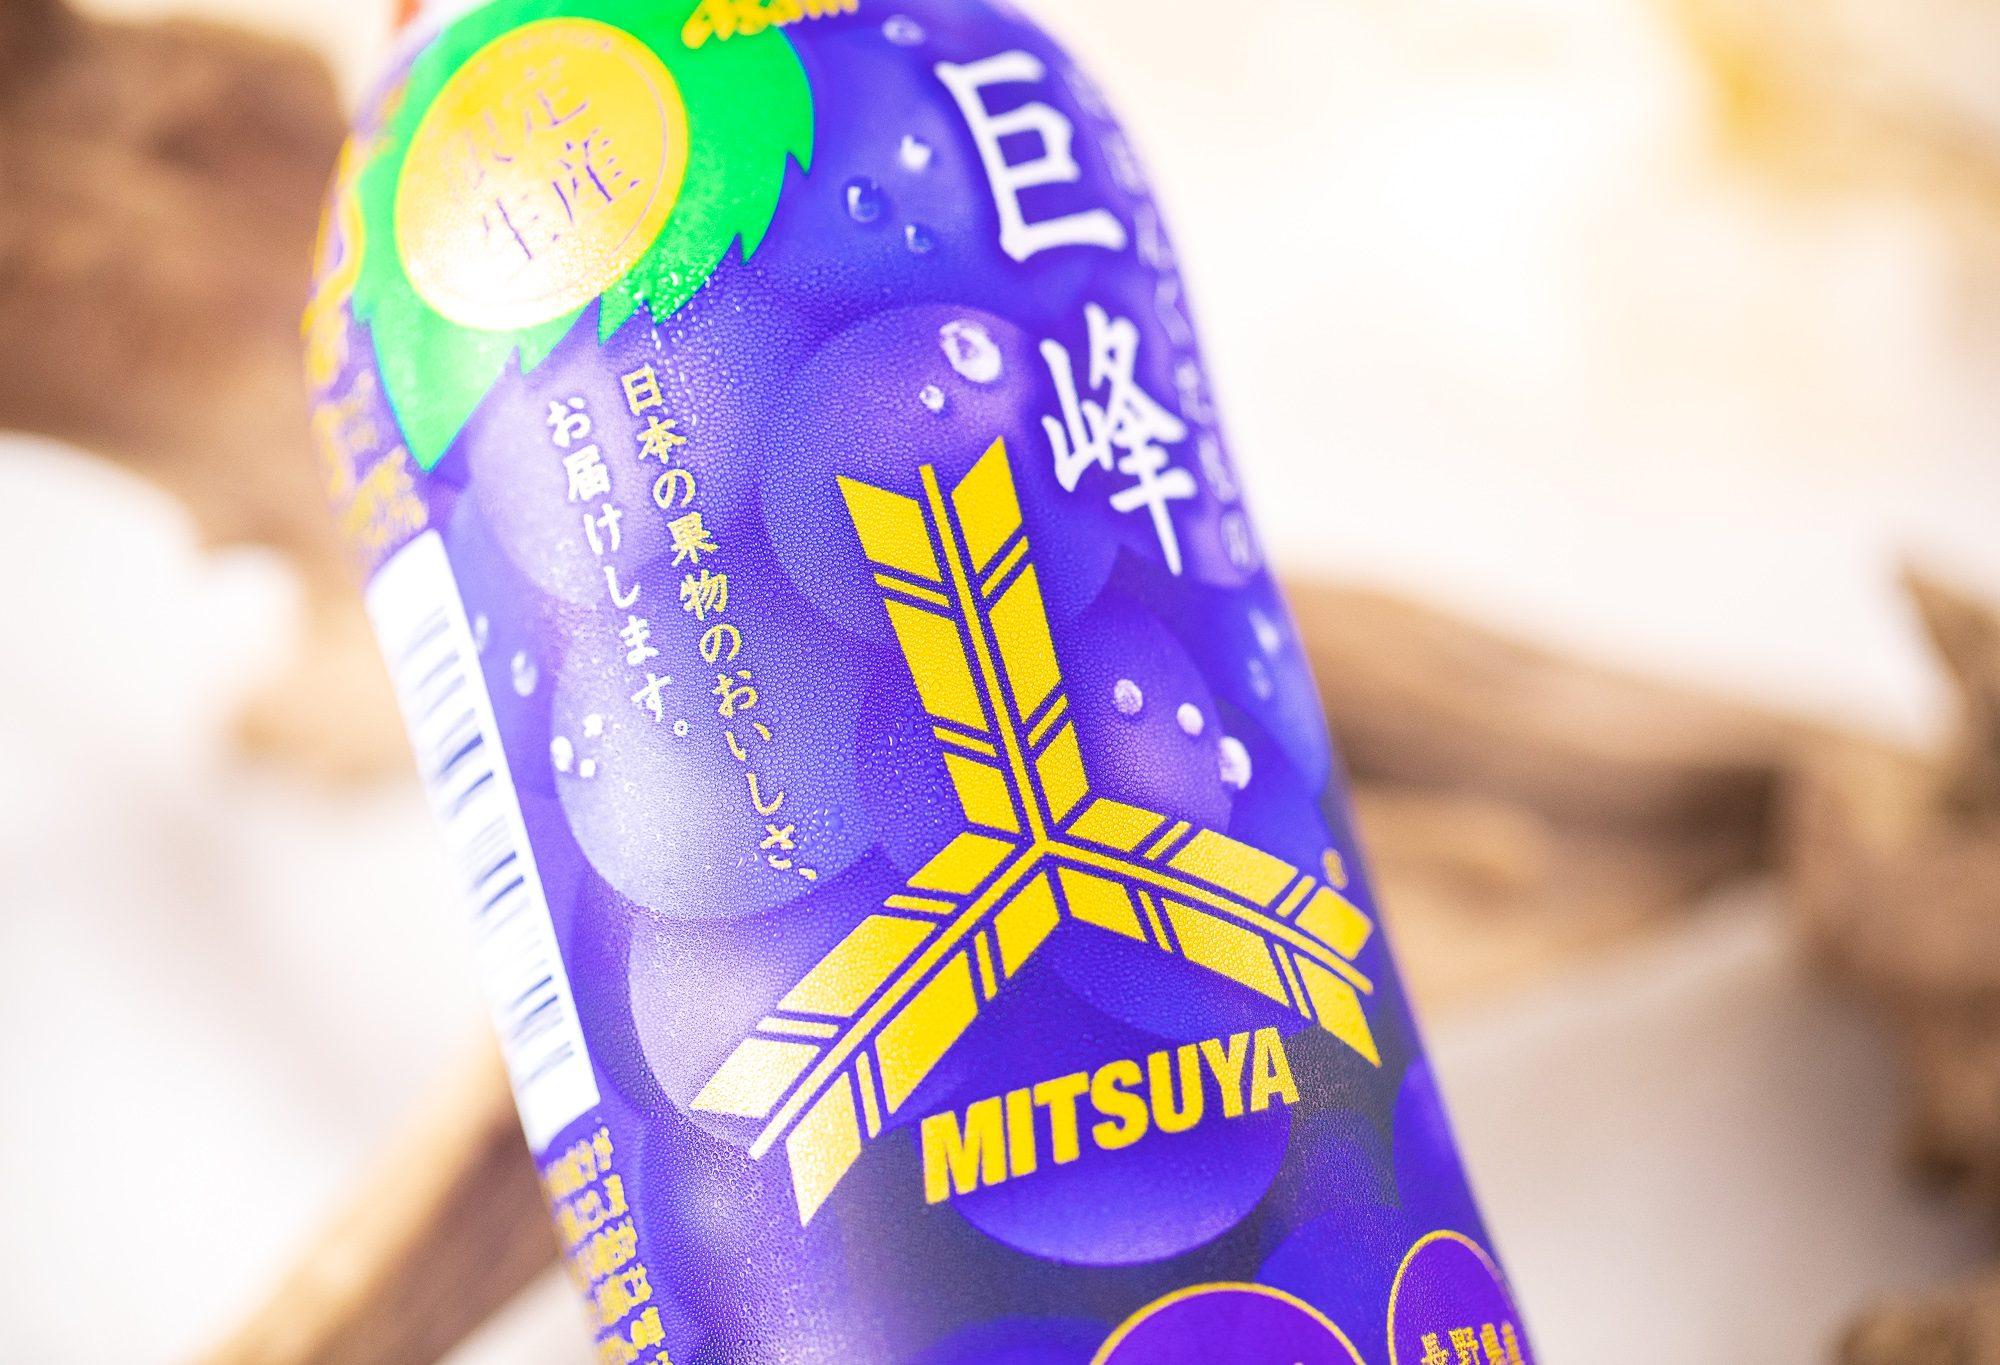 アサヒ飲料『「三ツ矢」にほんくだもの 巨峰 PET450ml』は果汁感のある風味が美味しいが、ややパッケージ負け感は否めない炭酸飲料!